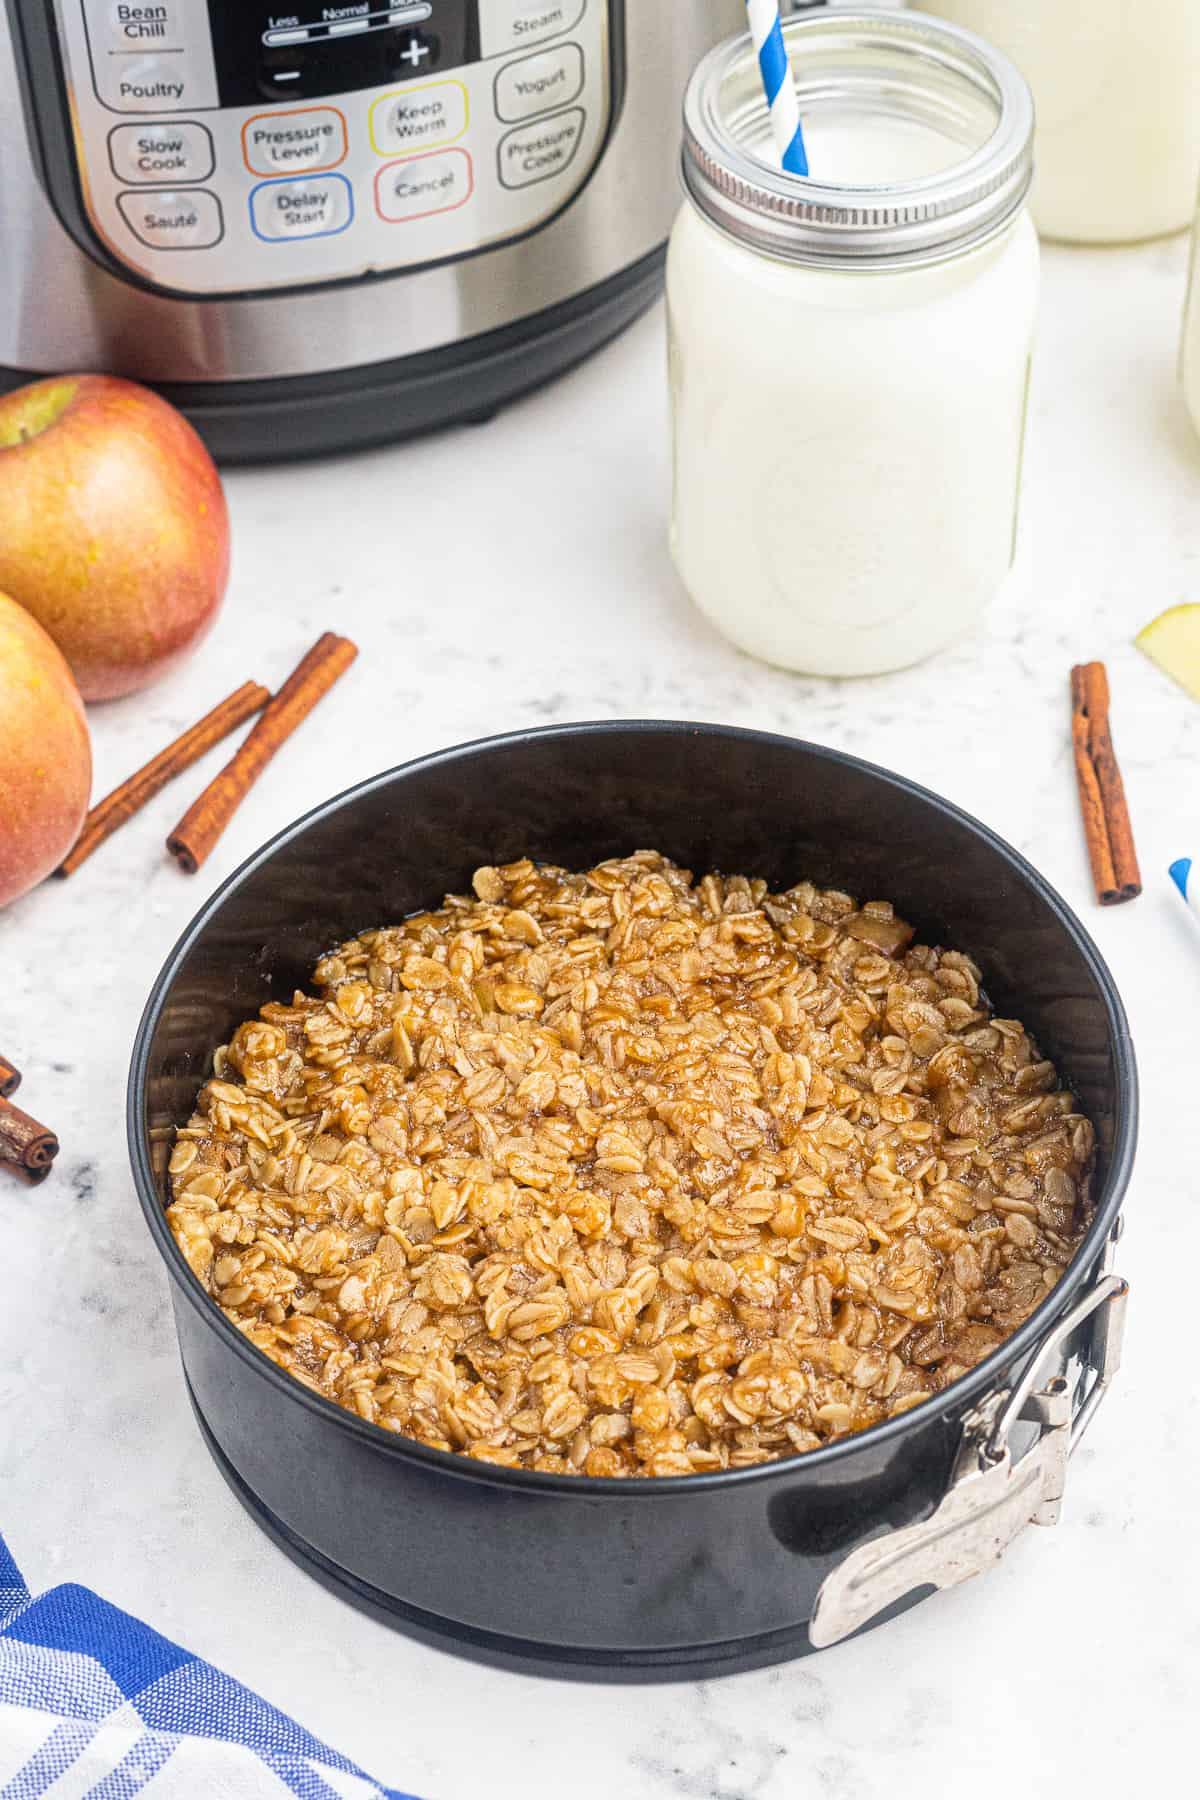 instant pot apple crisp in pan